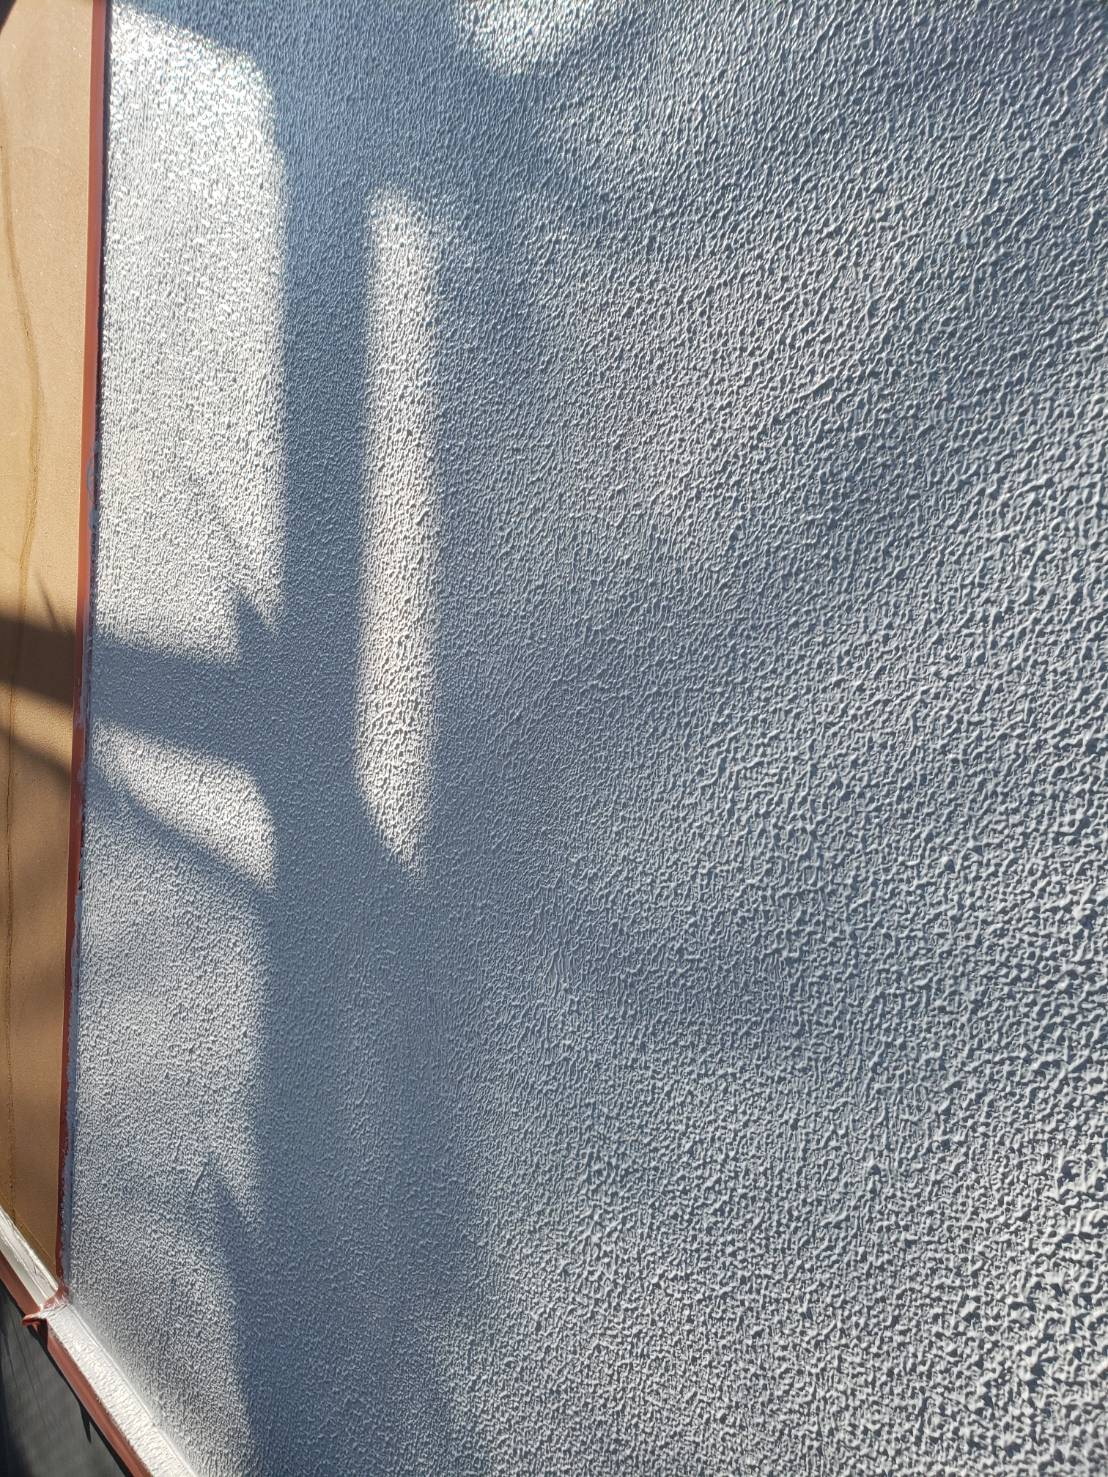 弾性力のある塗料で、外壁のヒビ割れに対応します(エスケー化研 レナフレンド)。